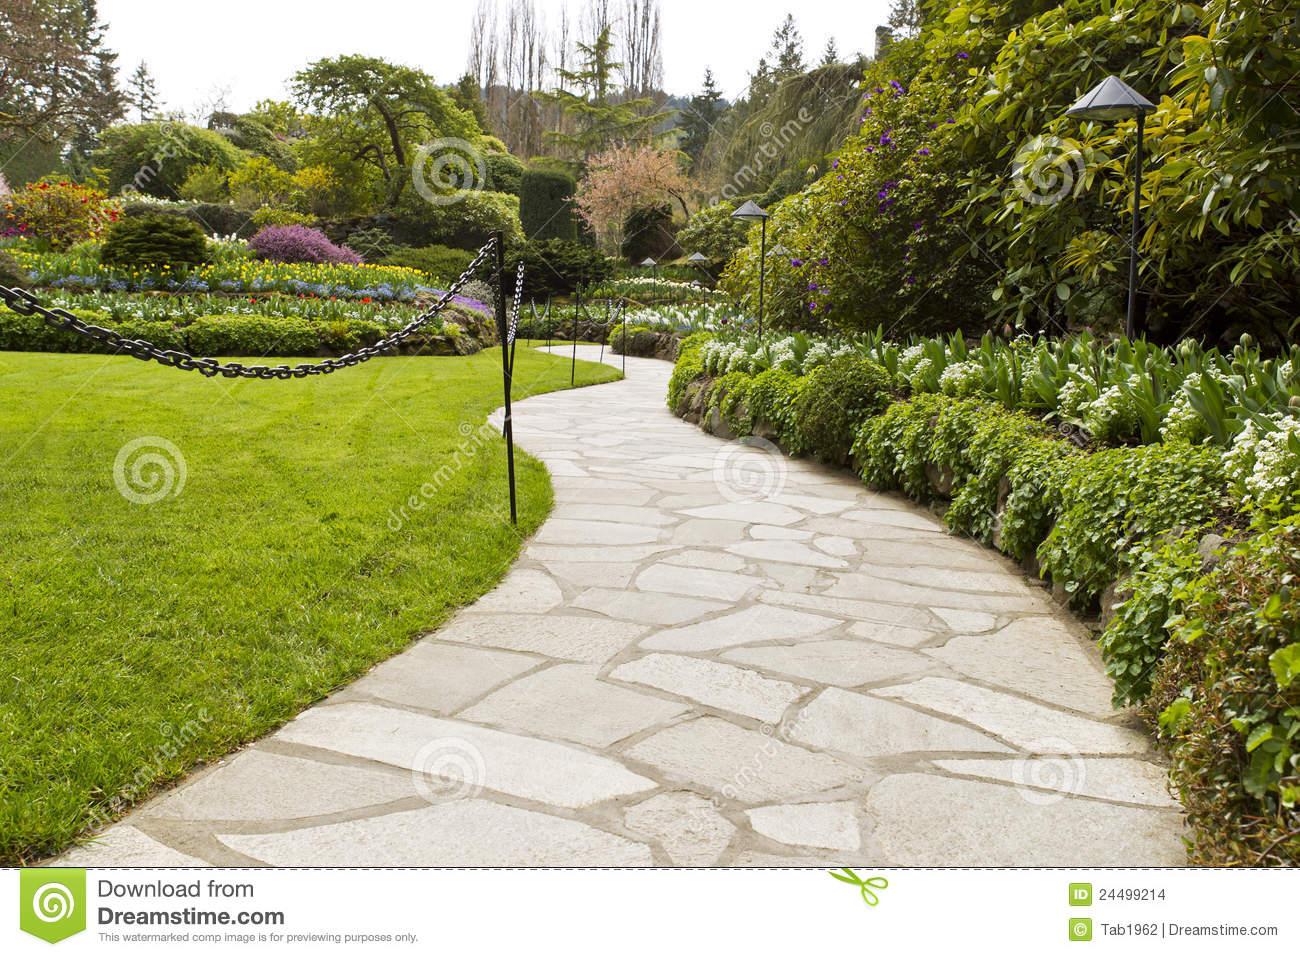 Pathway clipart garden path Tikspor Pictures Garden Photo Pathway